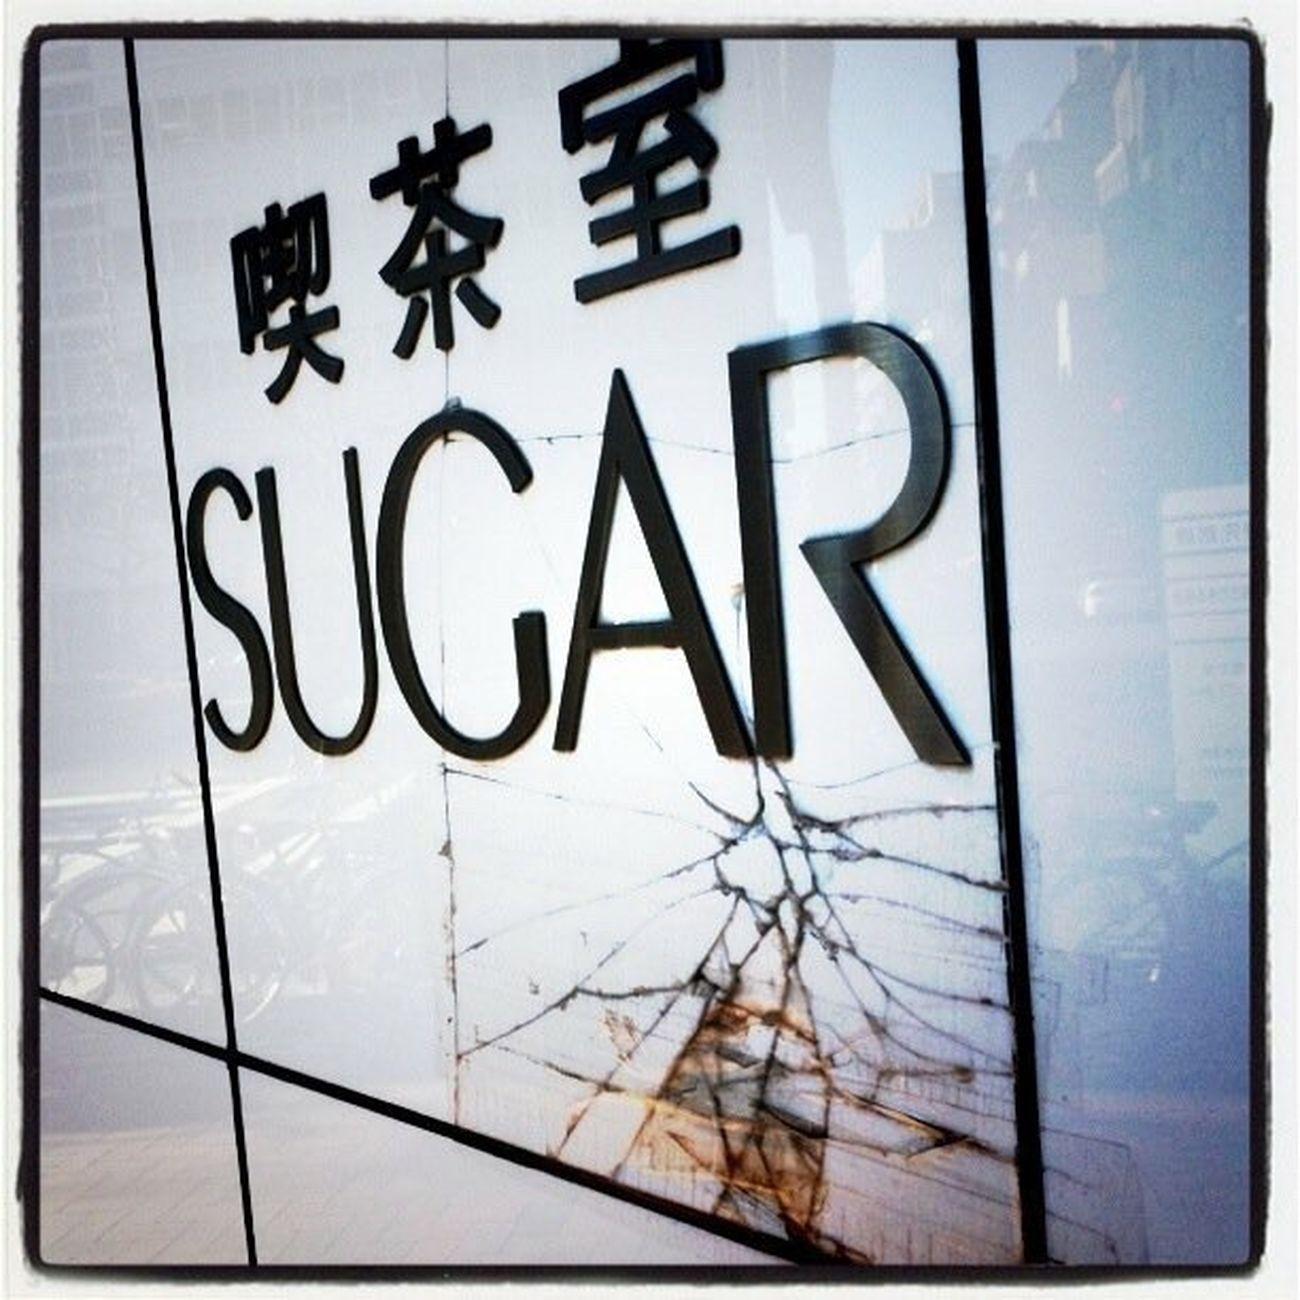 Sweet as ...